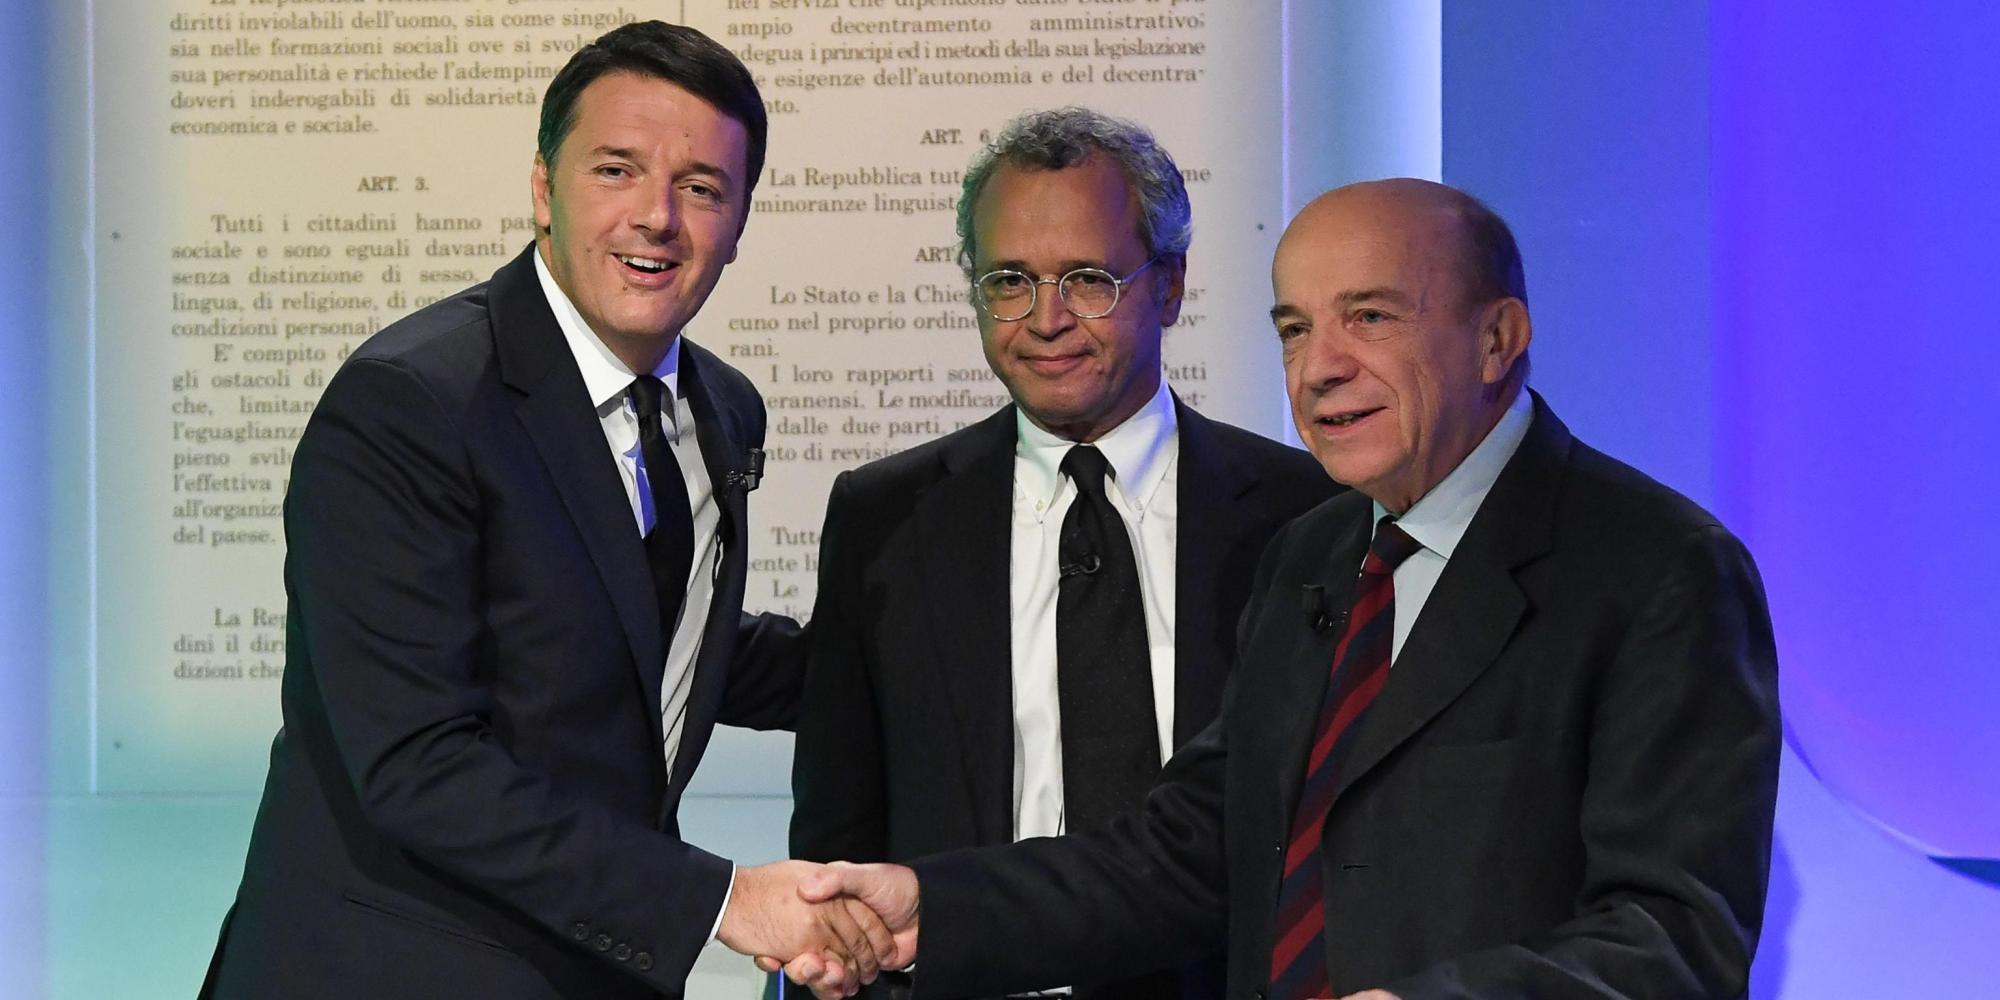 Referendum:Renzi, riforma l'ha voluta Parlamento non solo io